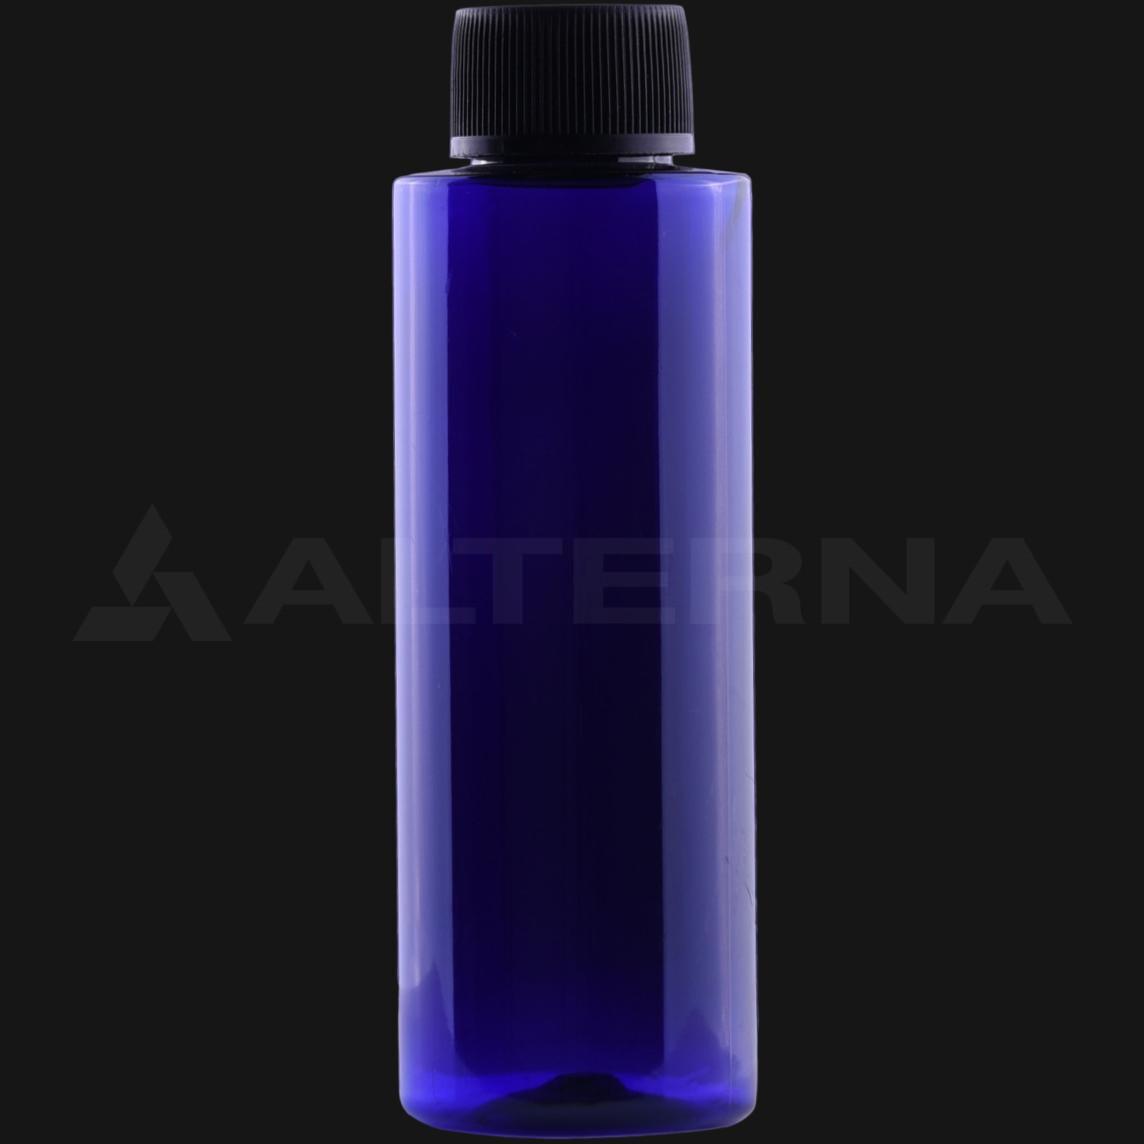 125 ml PET Bottle with 24 mm Foam Seal Cap